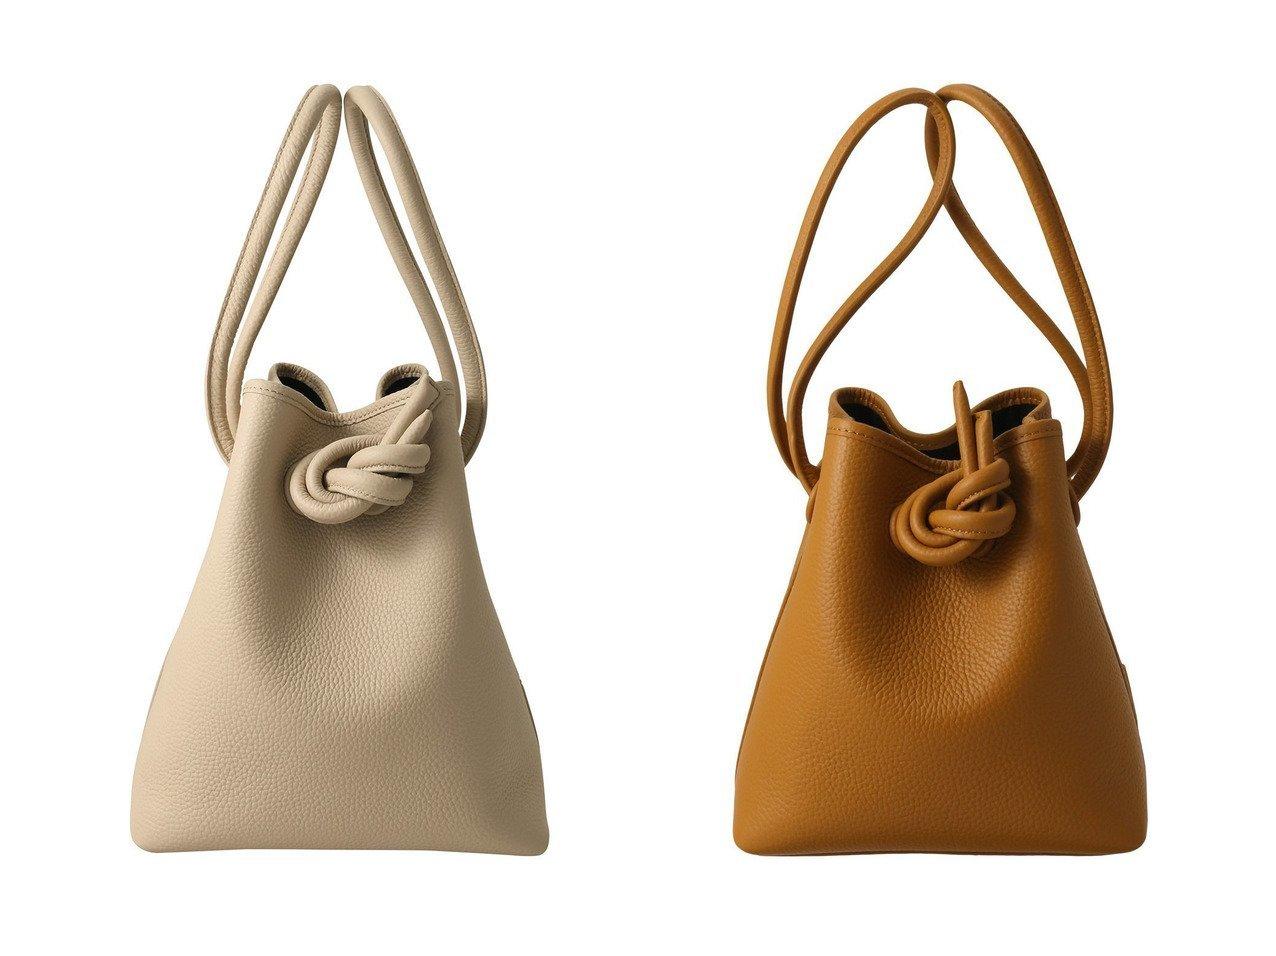 【VASIC/ヴァジック】のBond Mini 2wayハンドバッグ&Bond 2wayハンドバッグ バッグ・鞄のおすすめ!人気トレンド・レディースファッションの通販 おすすめで人気のファッション通販商品 インテリア・家具・キッズファッション・メンズファッション・レディースファッション・服の通販 founy(ファニー) https://founy.com/ ファッション Fashion レディース WOMEN バッグ Bag ハンドバッグ フォルム 人気  ID:crp329100000006092